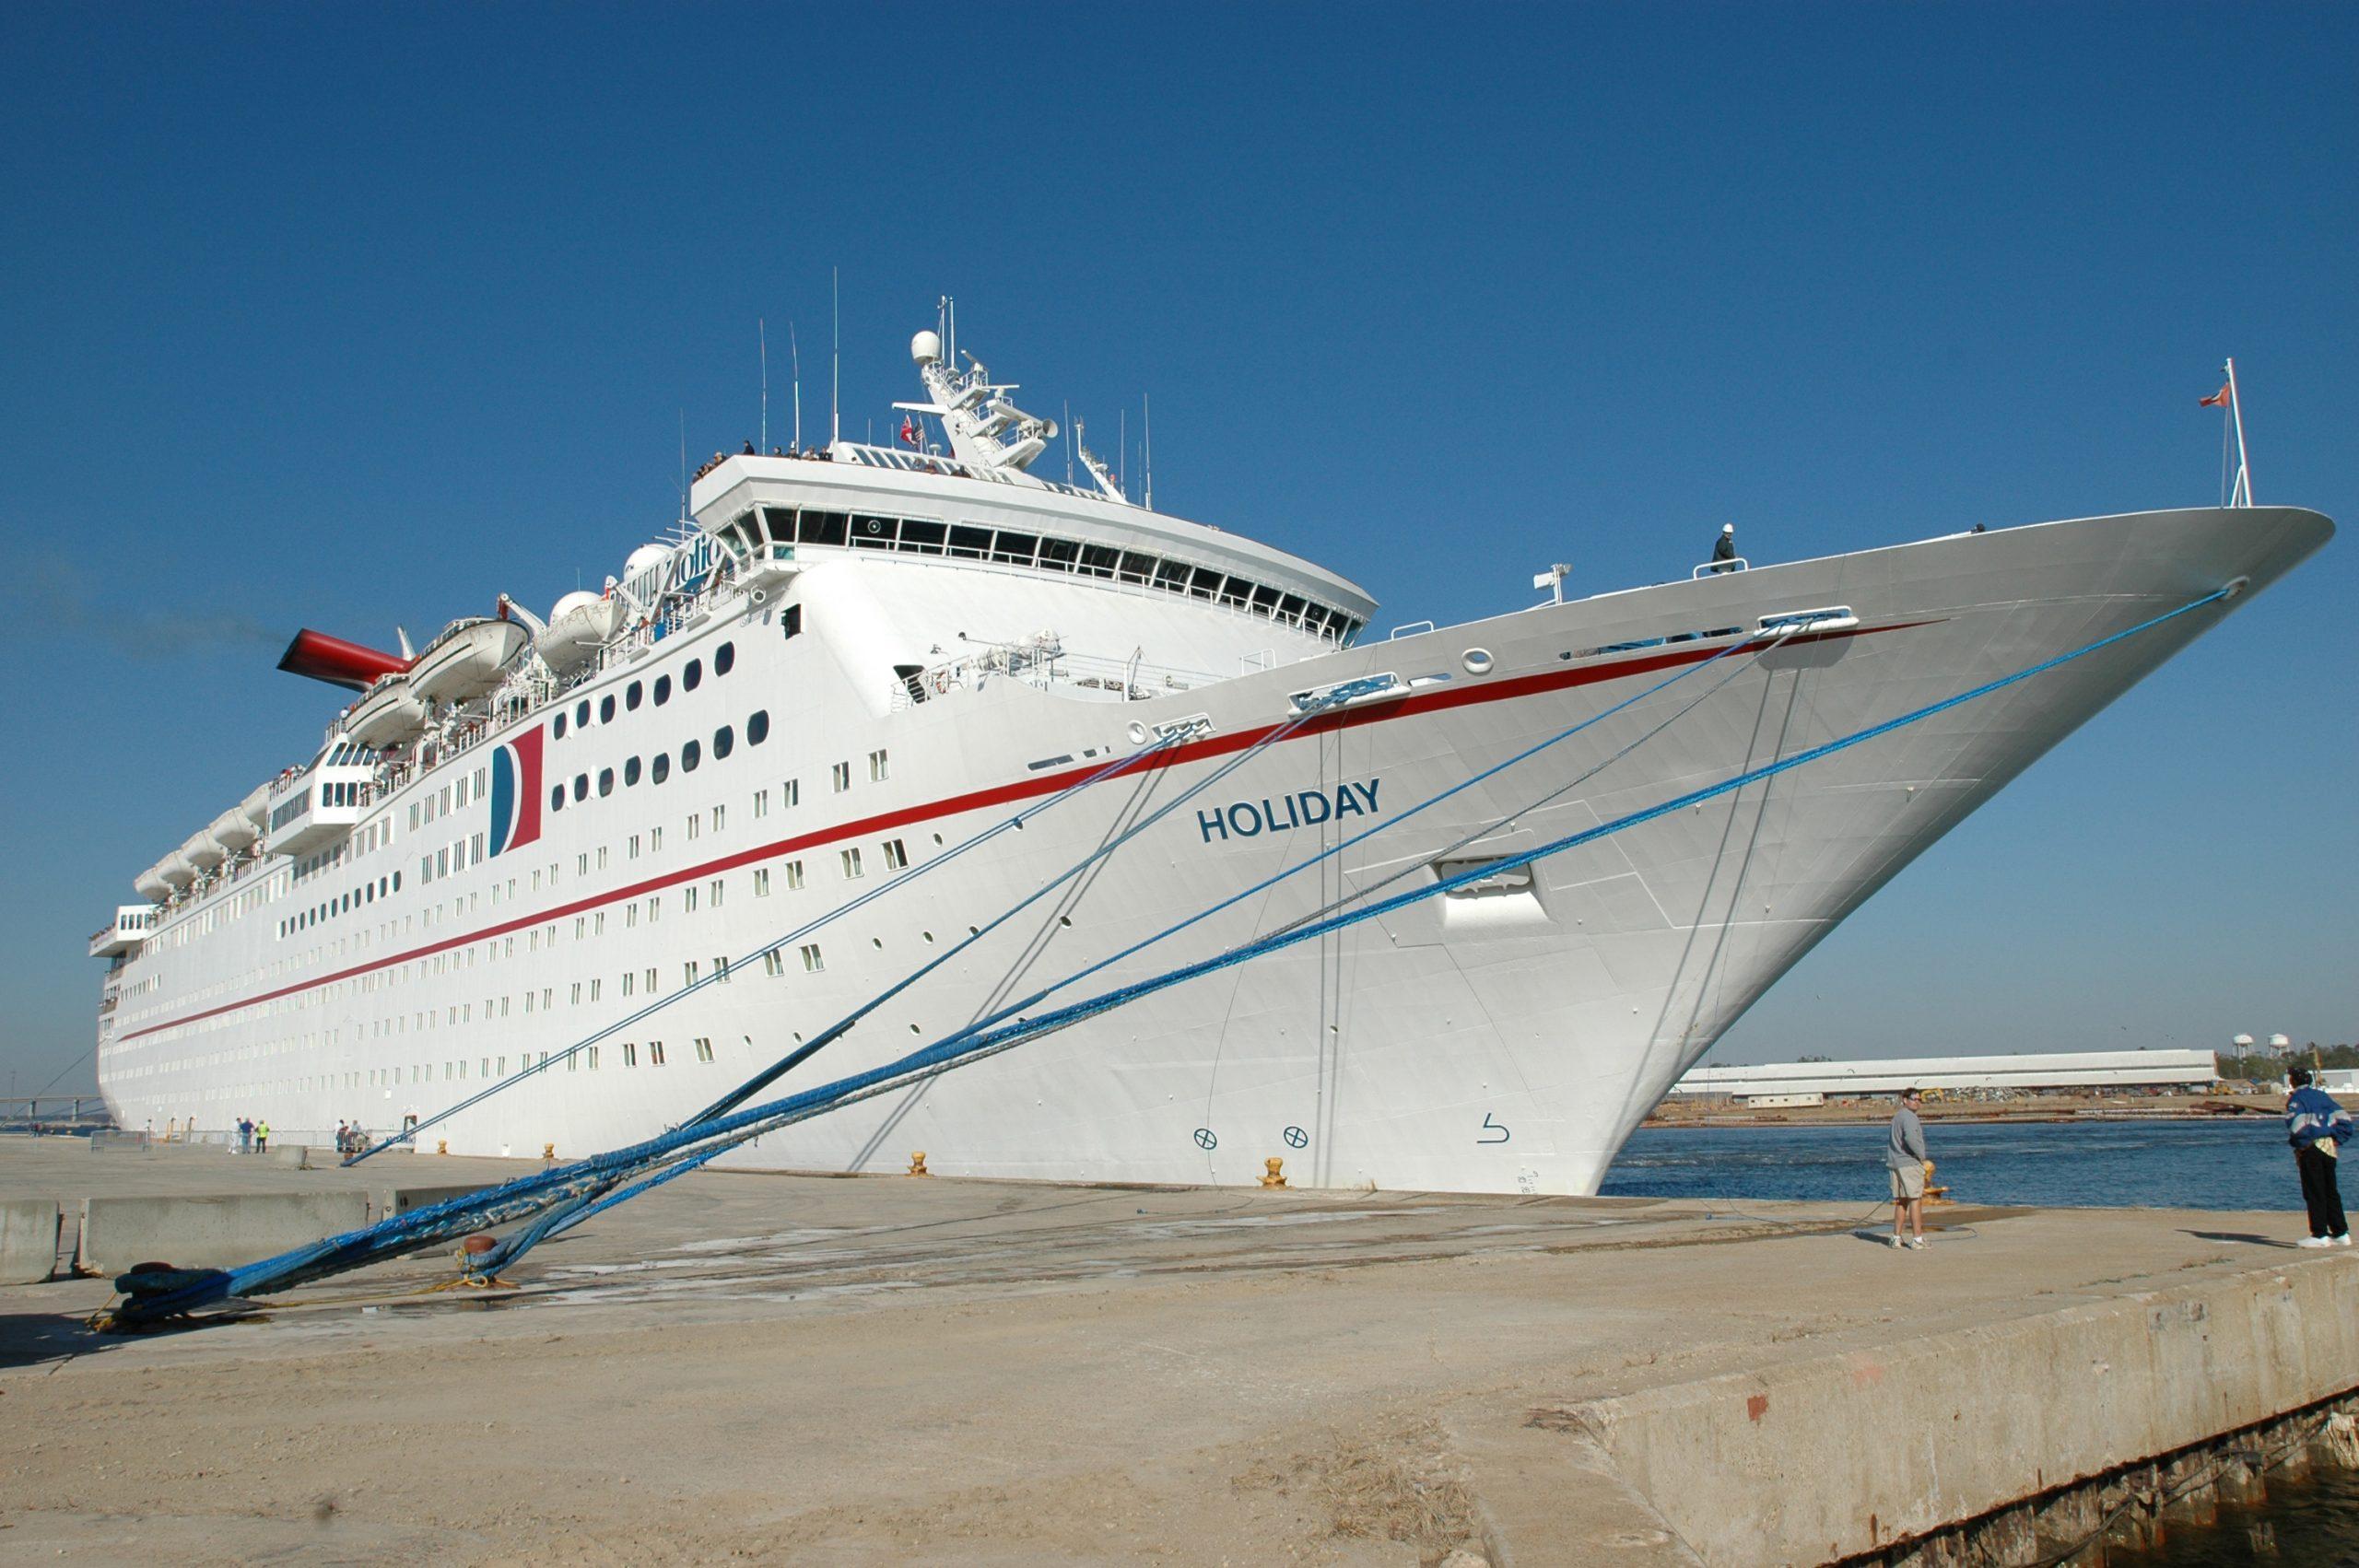 Bygget som MS Holiday og siden omdøbt til MS Magellan var krydstogtskibet en nordjysk stolthed, bygget på Aalborg Værft i 1985. Nu er det ved at blive hugget op i Indien. Wikipediafoto: Mark Wolfe.